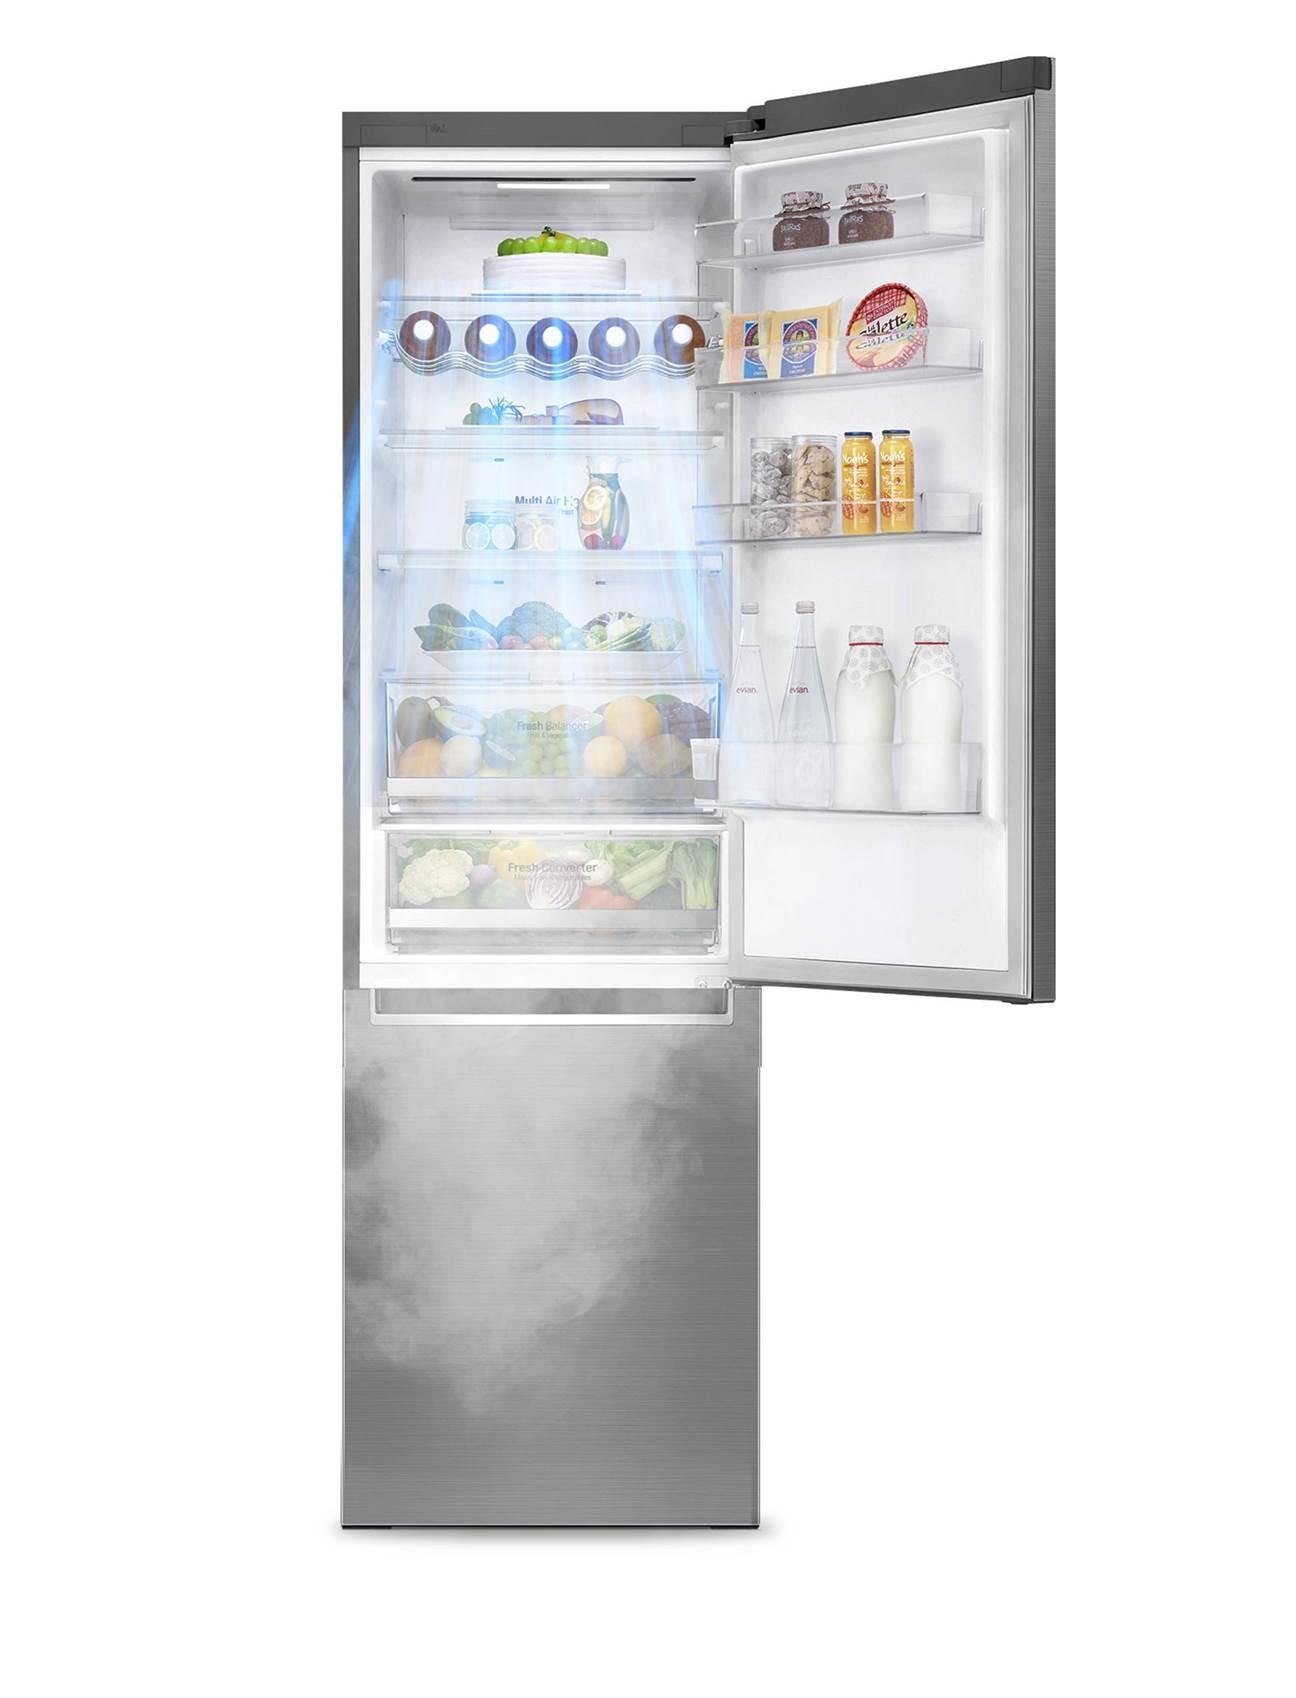 LG presenta su nueva gama de frigoríficos ecoeficientes